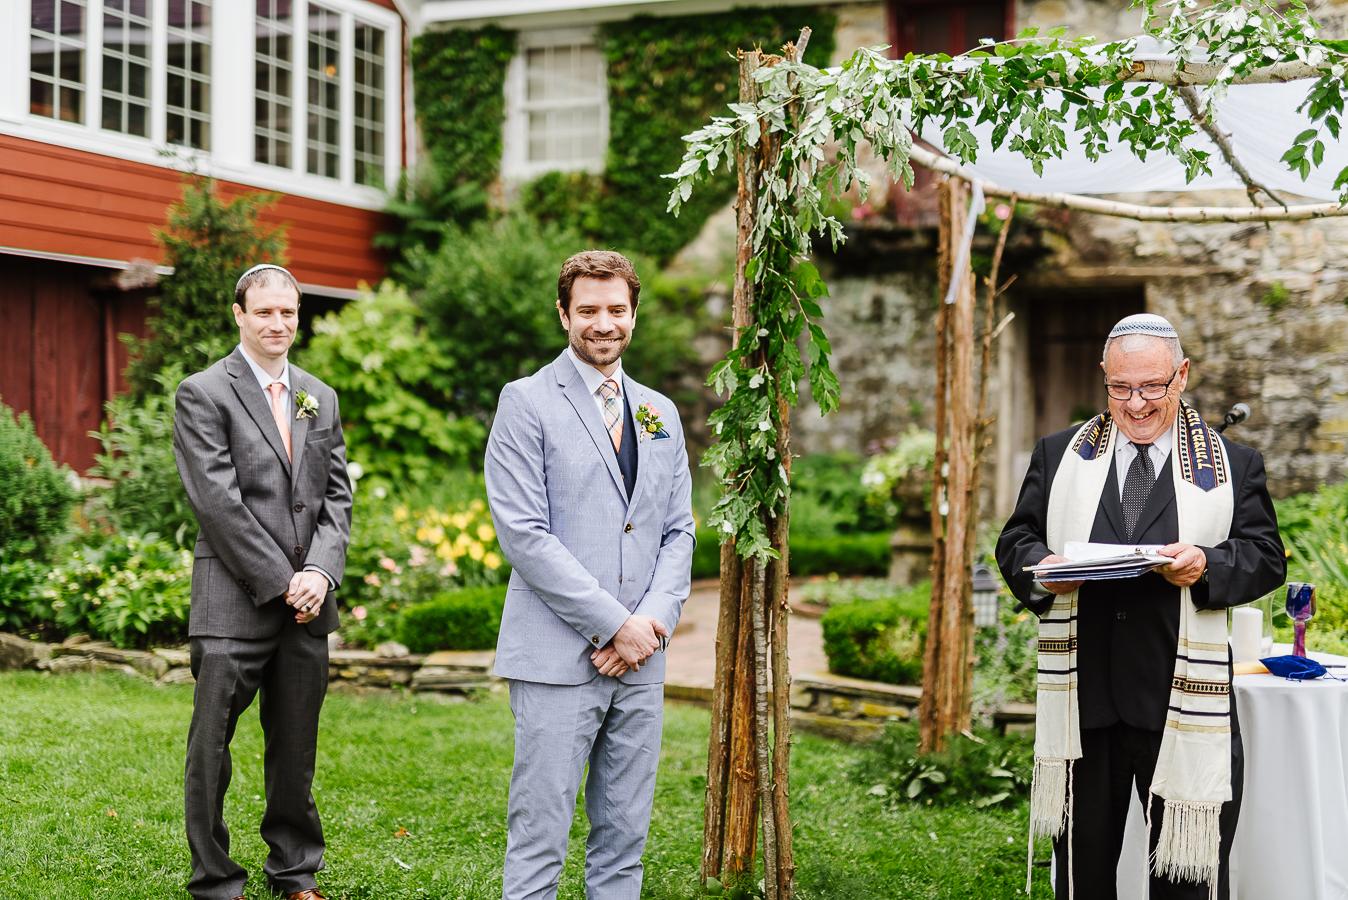 Stylish Crossed Keys Inn Wedding Crossed Keys Wedding Crossed Keys Inn Andover NJ Longbrook Photography-36.jpg